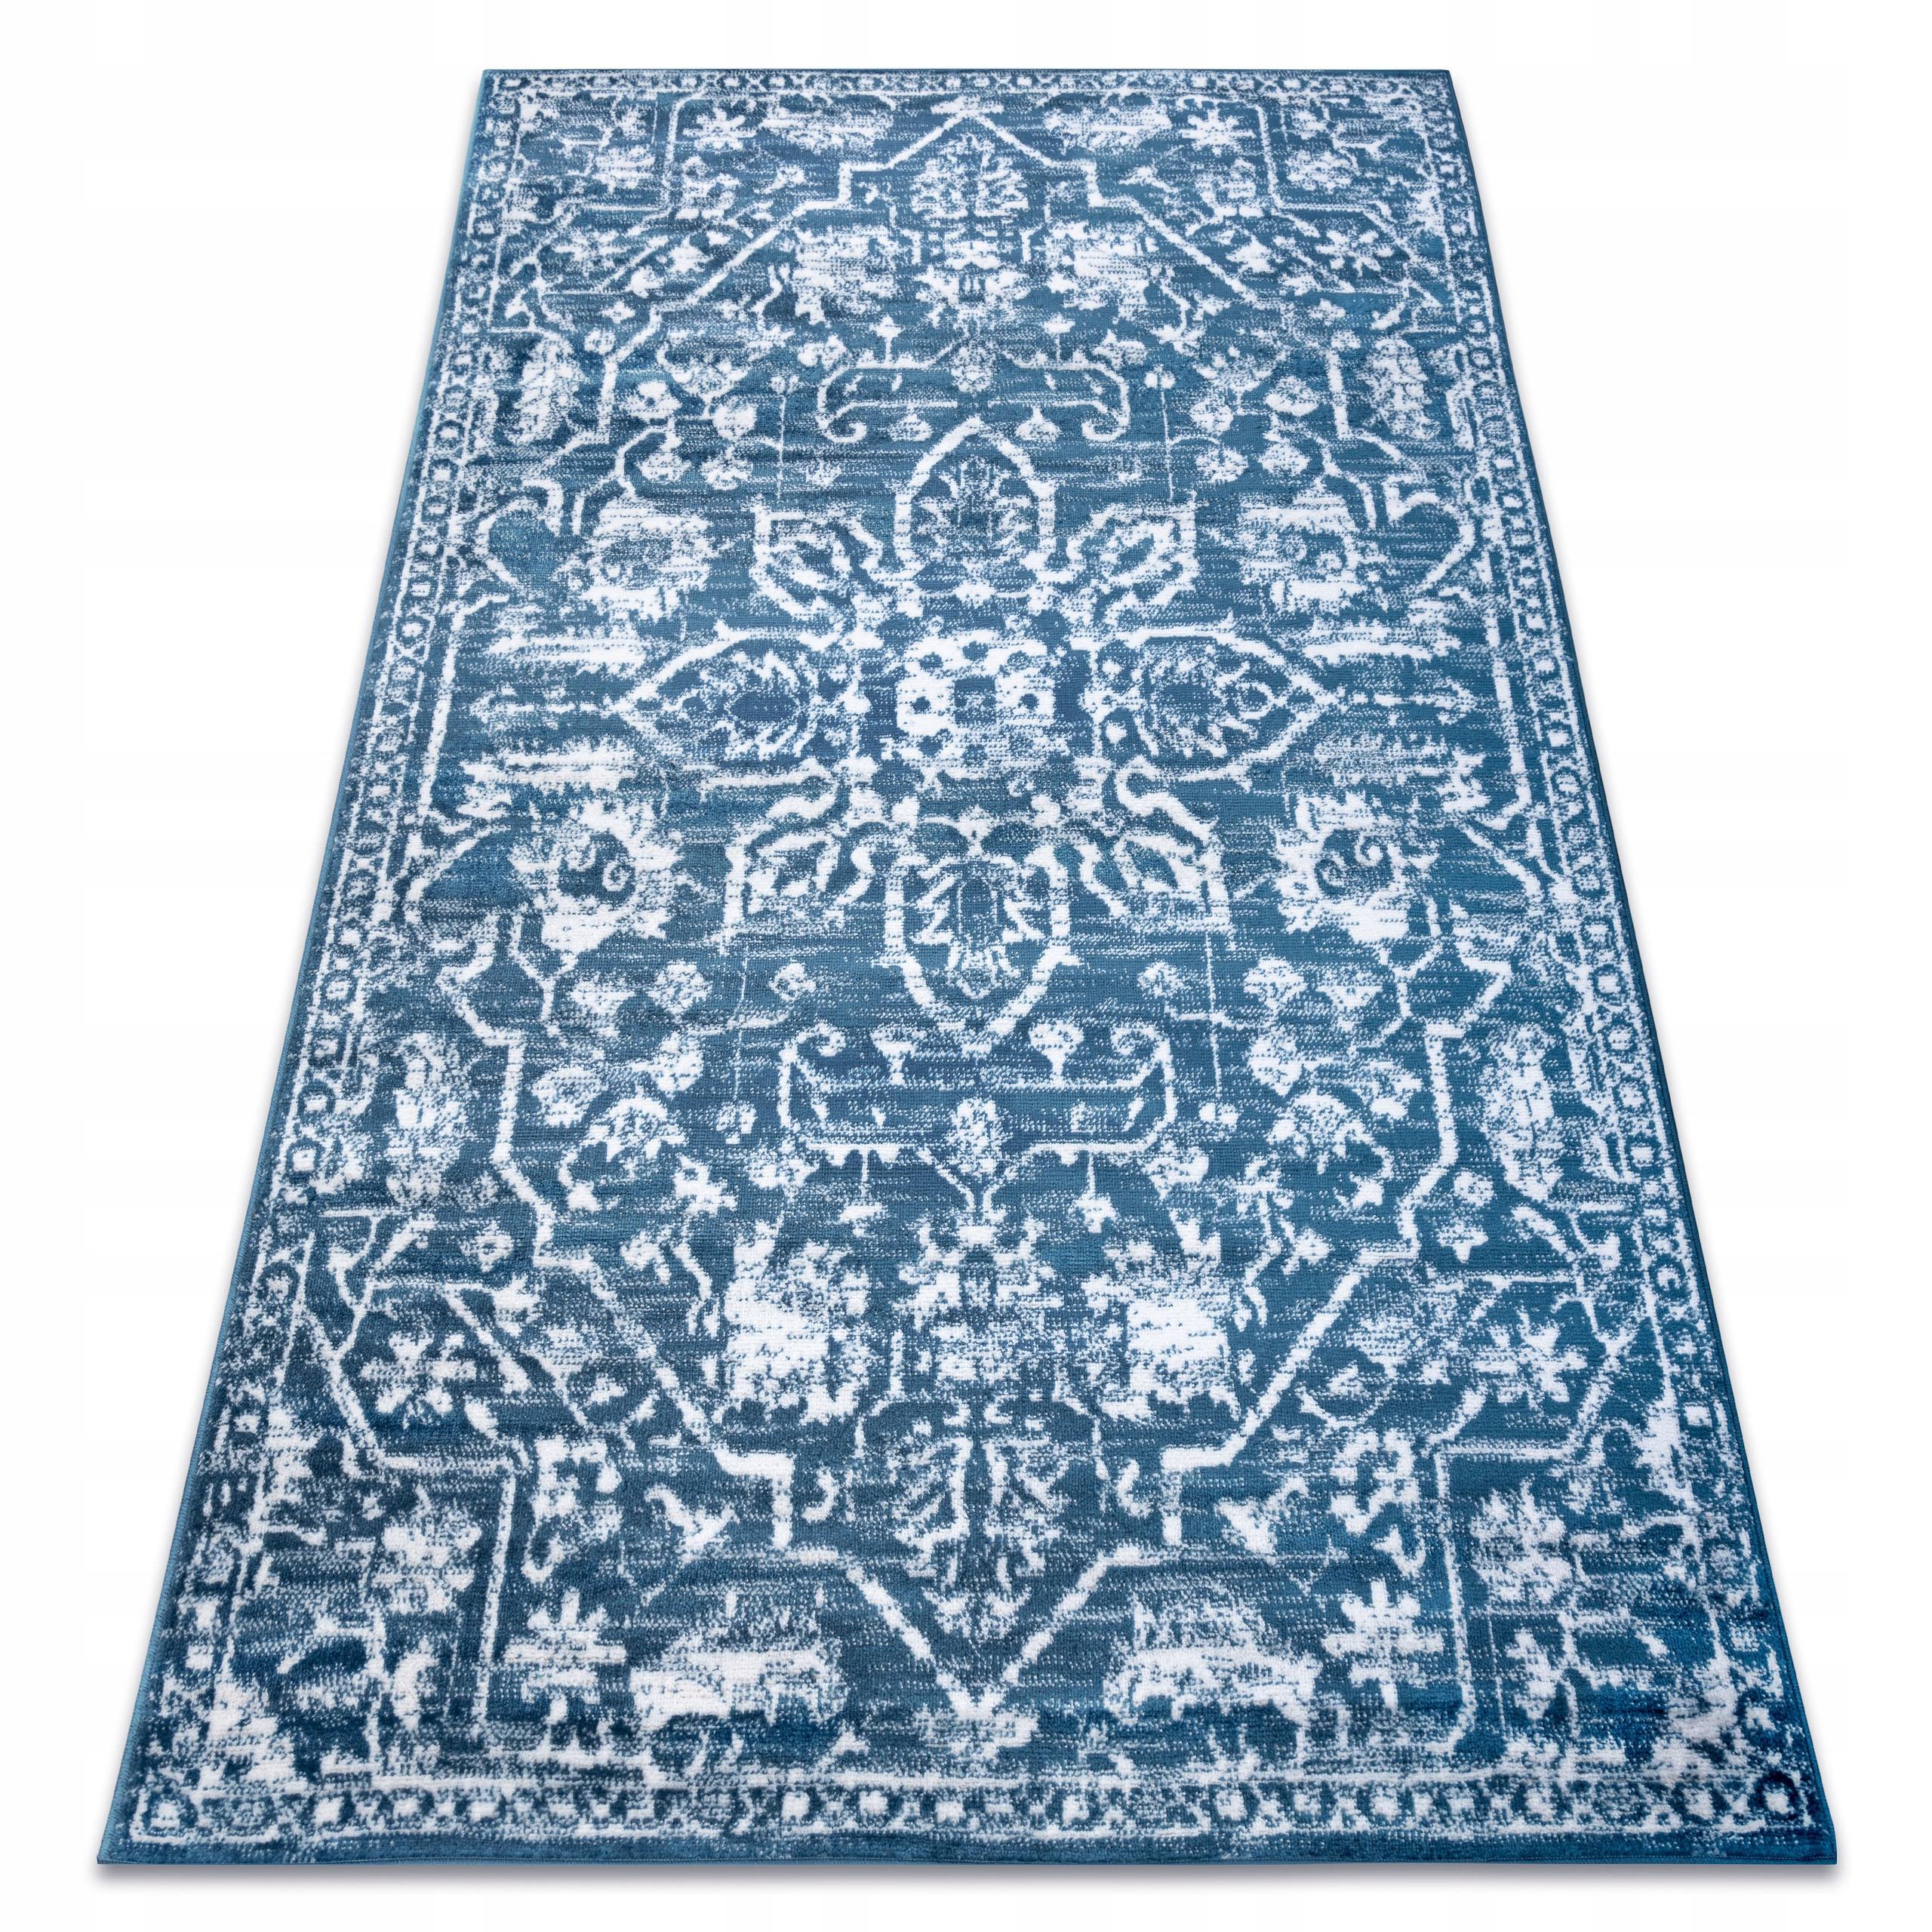 RETRO KOBEREC 120x170 cm ORNAMENT blue #GR3352